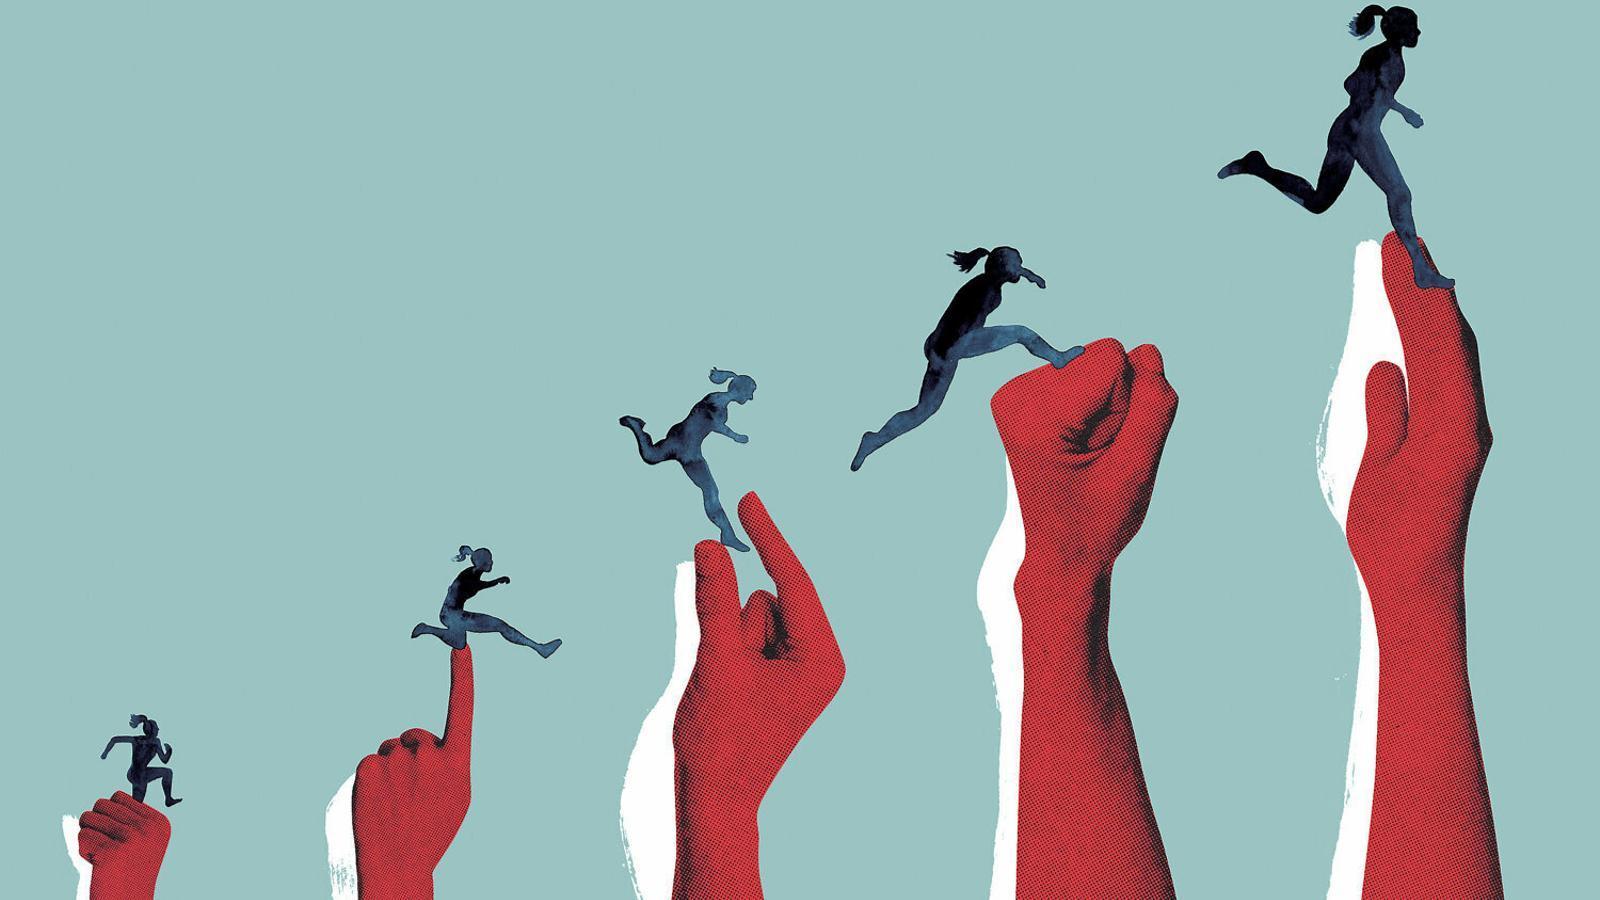 La cursa d'obstacles de les dones per sortir de la violència masclista